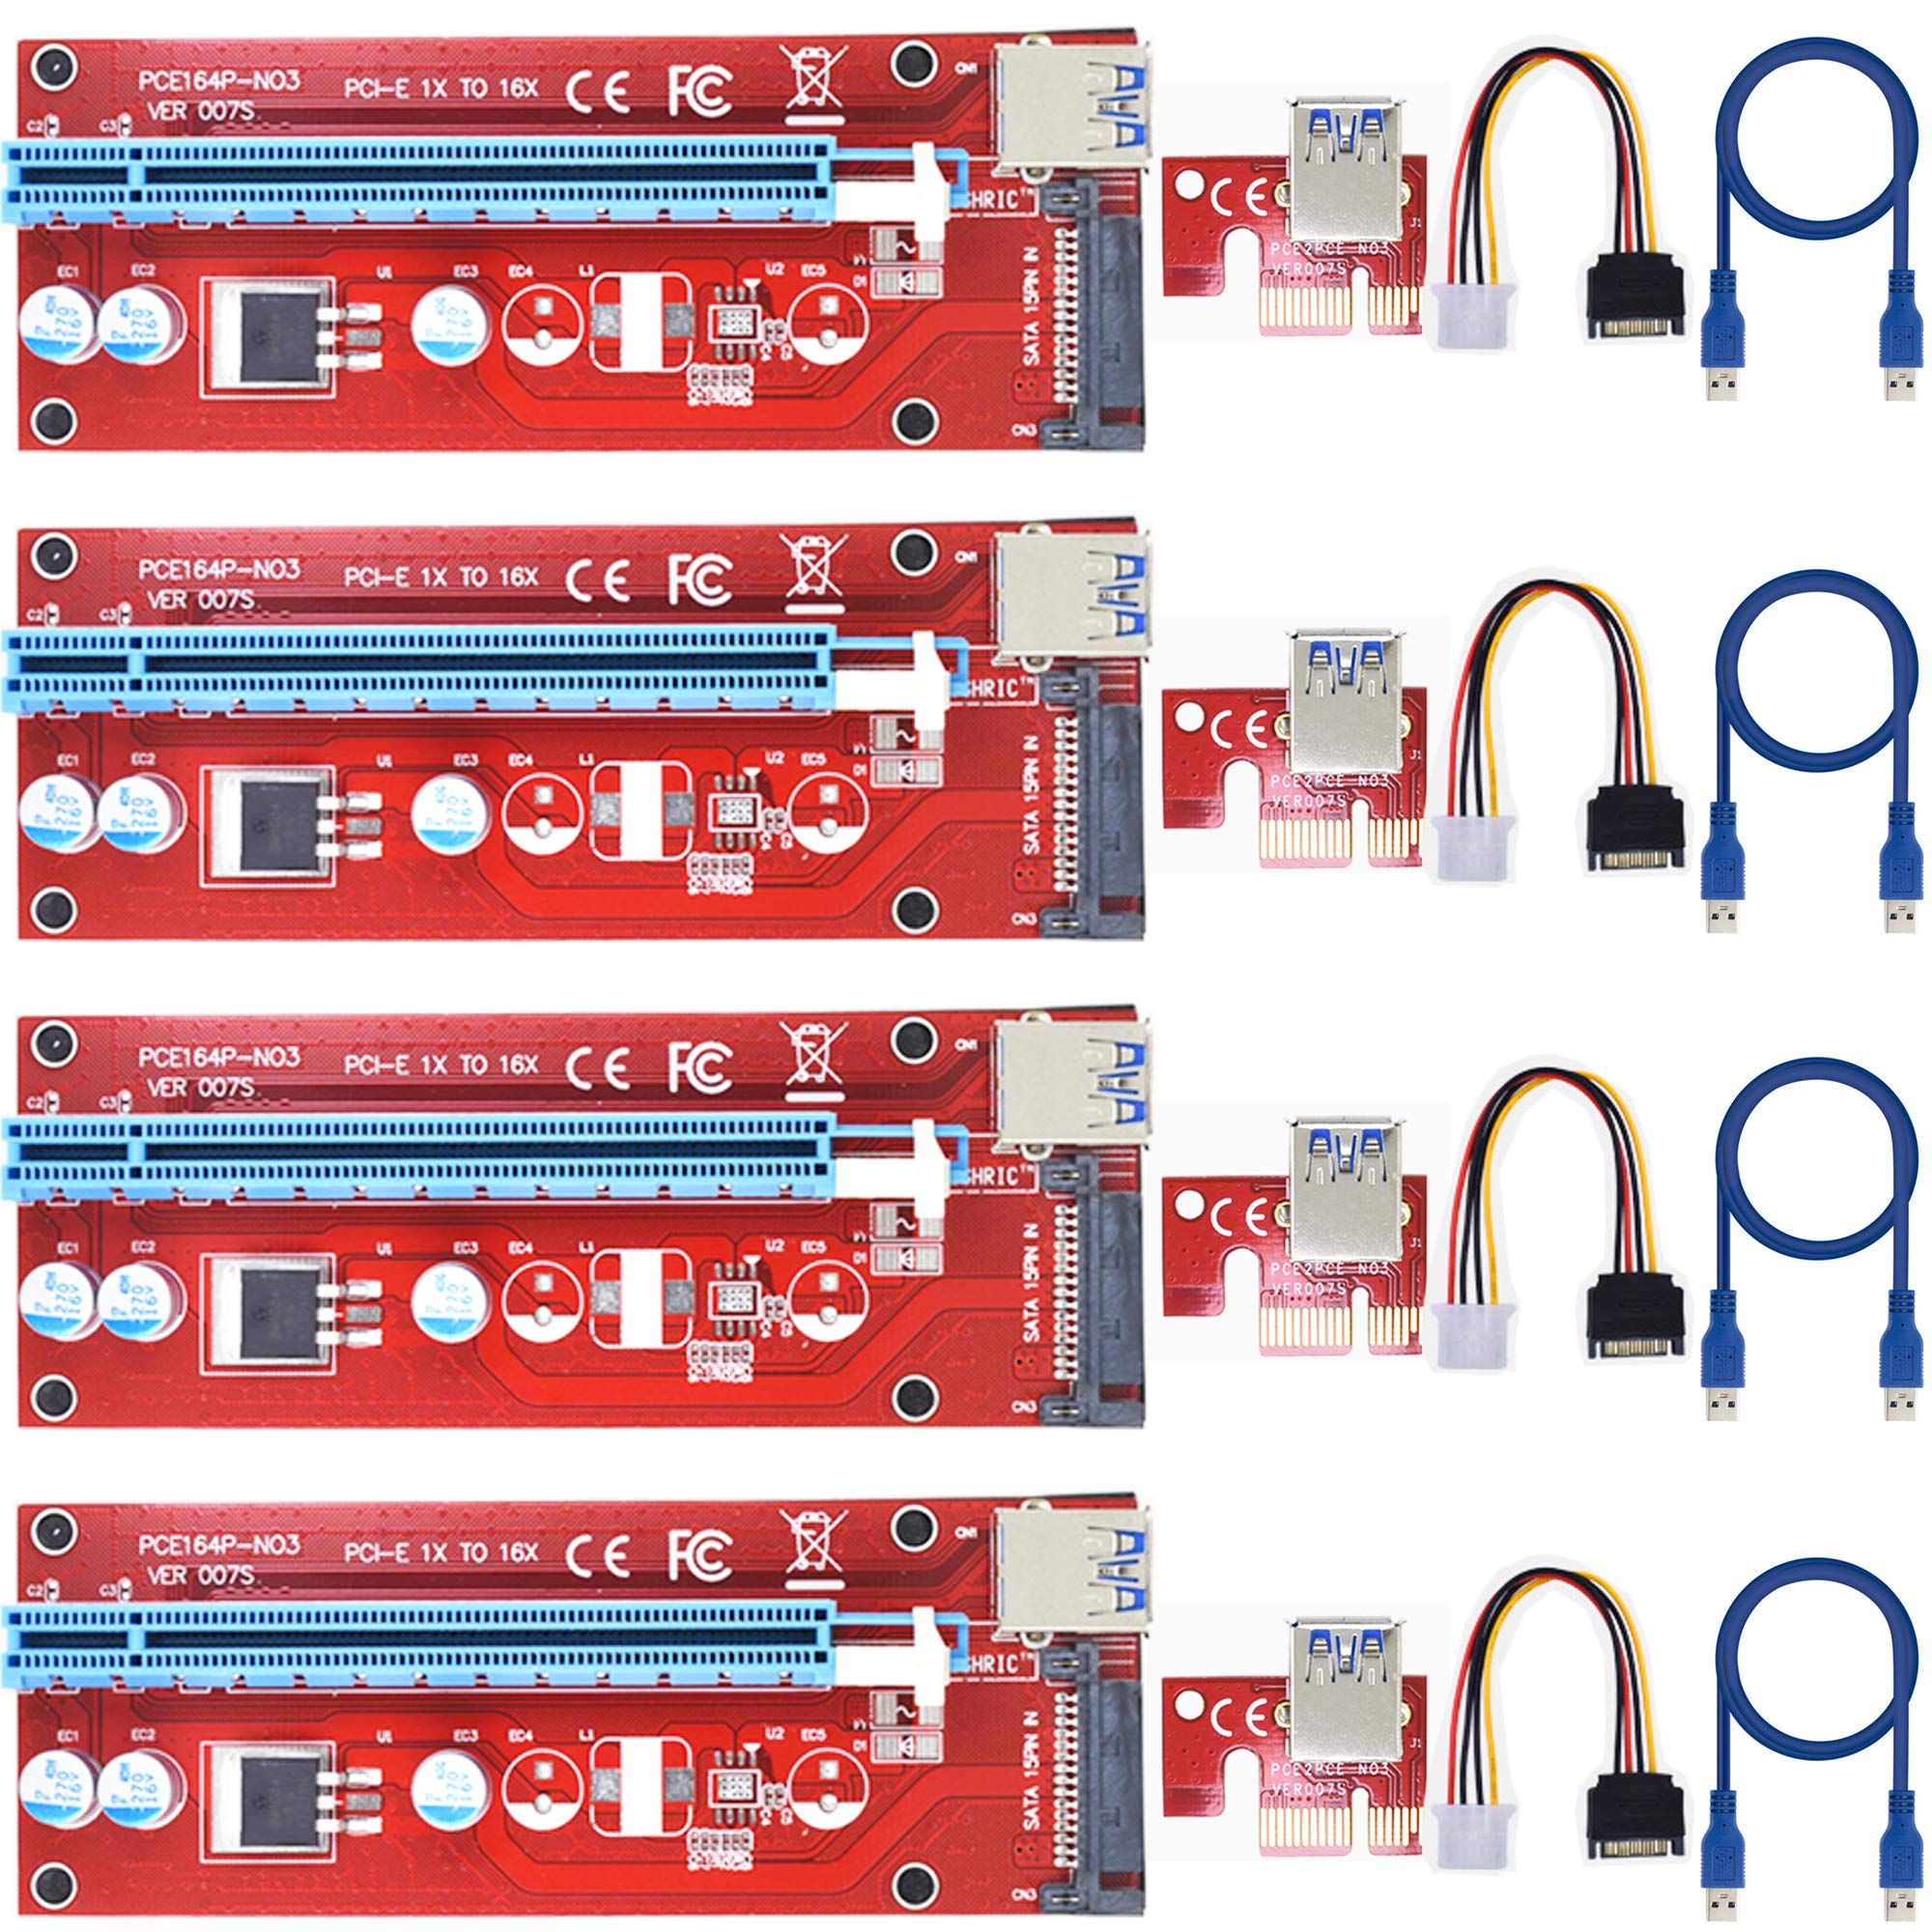 4 Pci-e Riser VER 007S Cripto mineria Con Cable SATA LEAGY